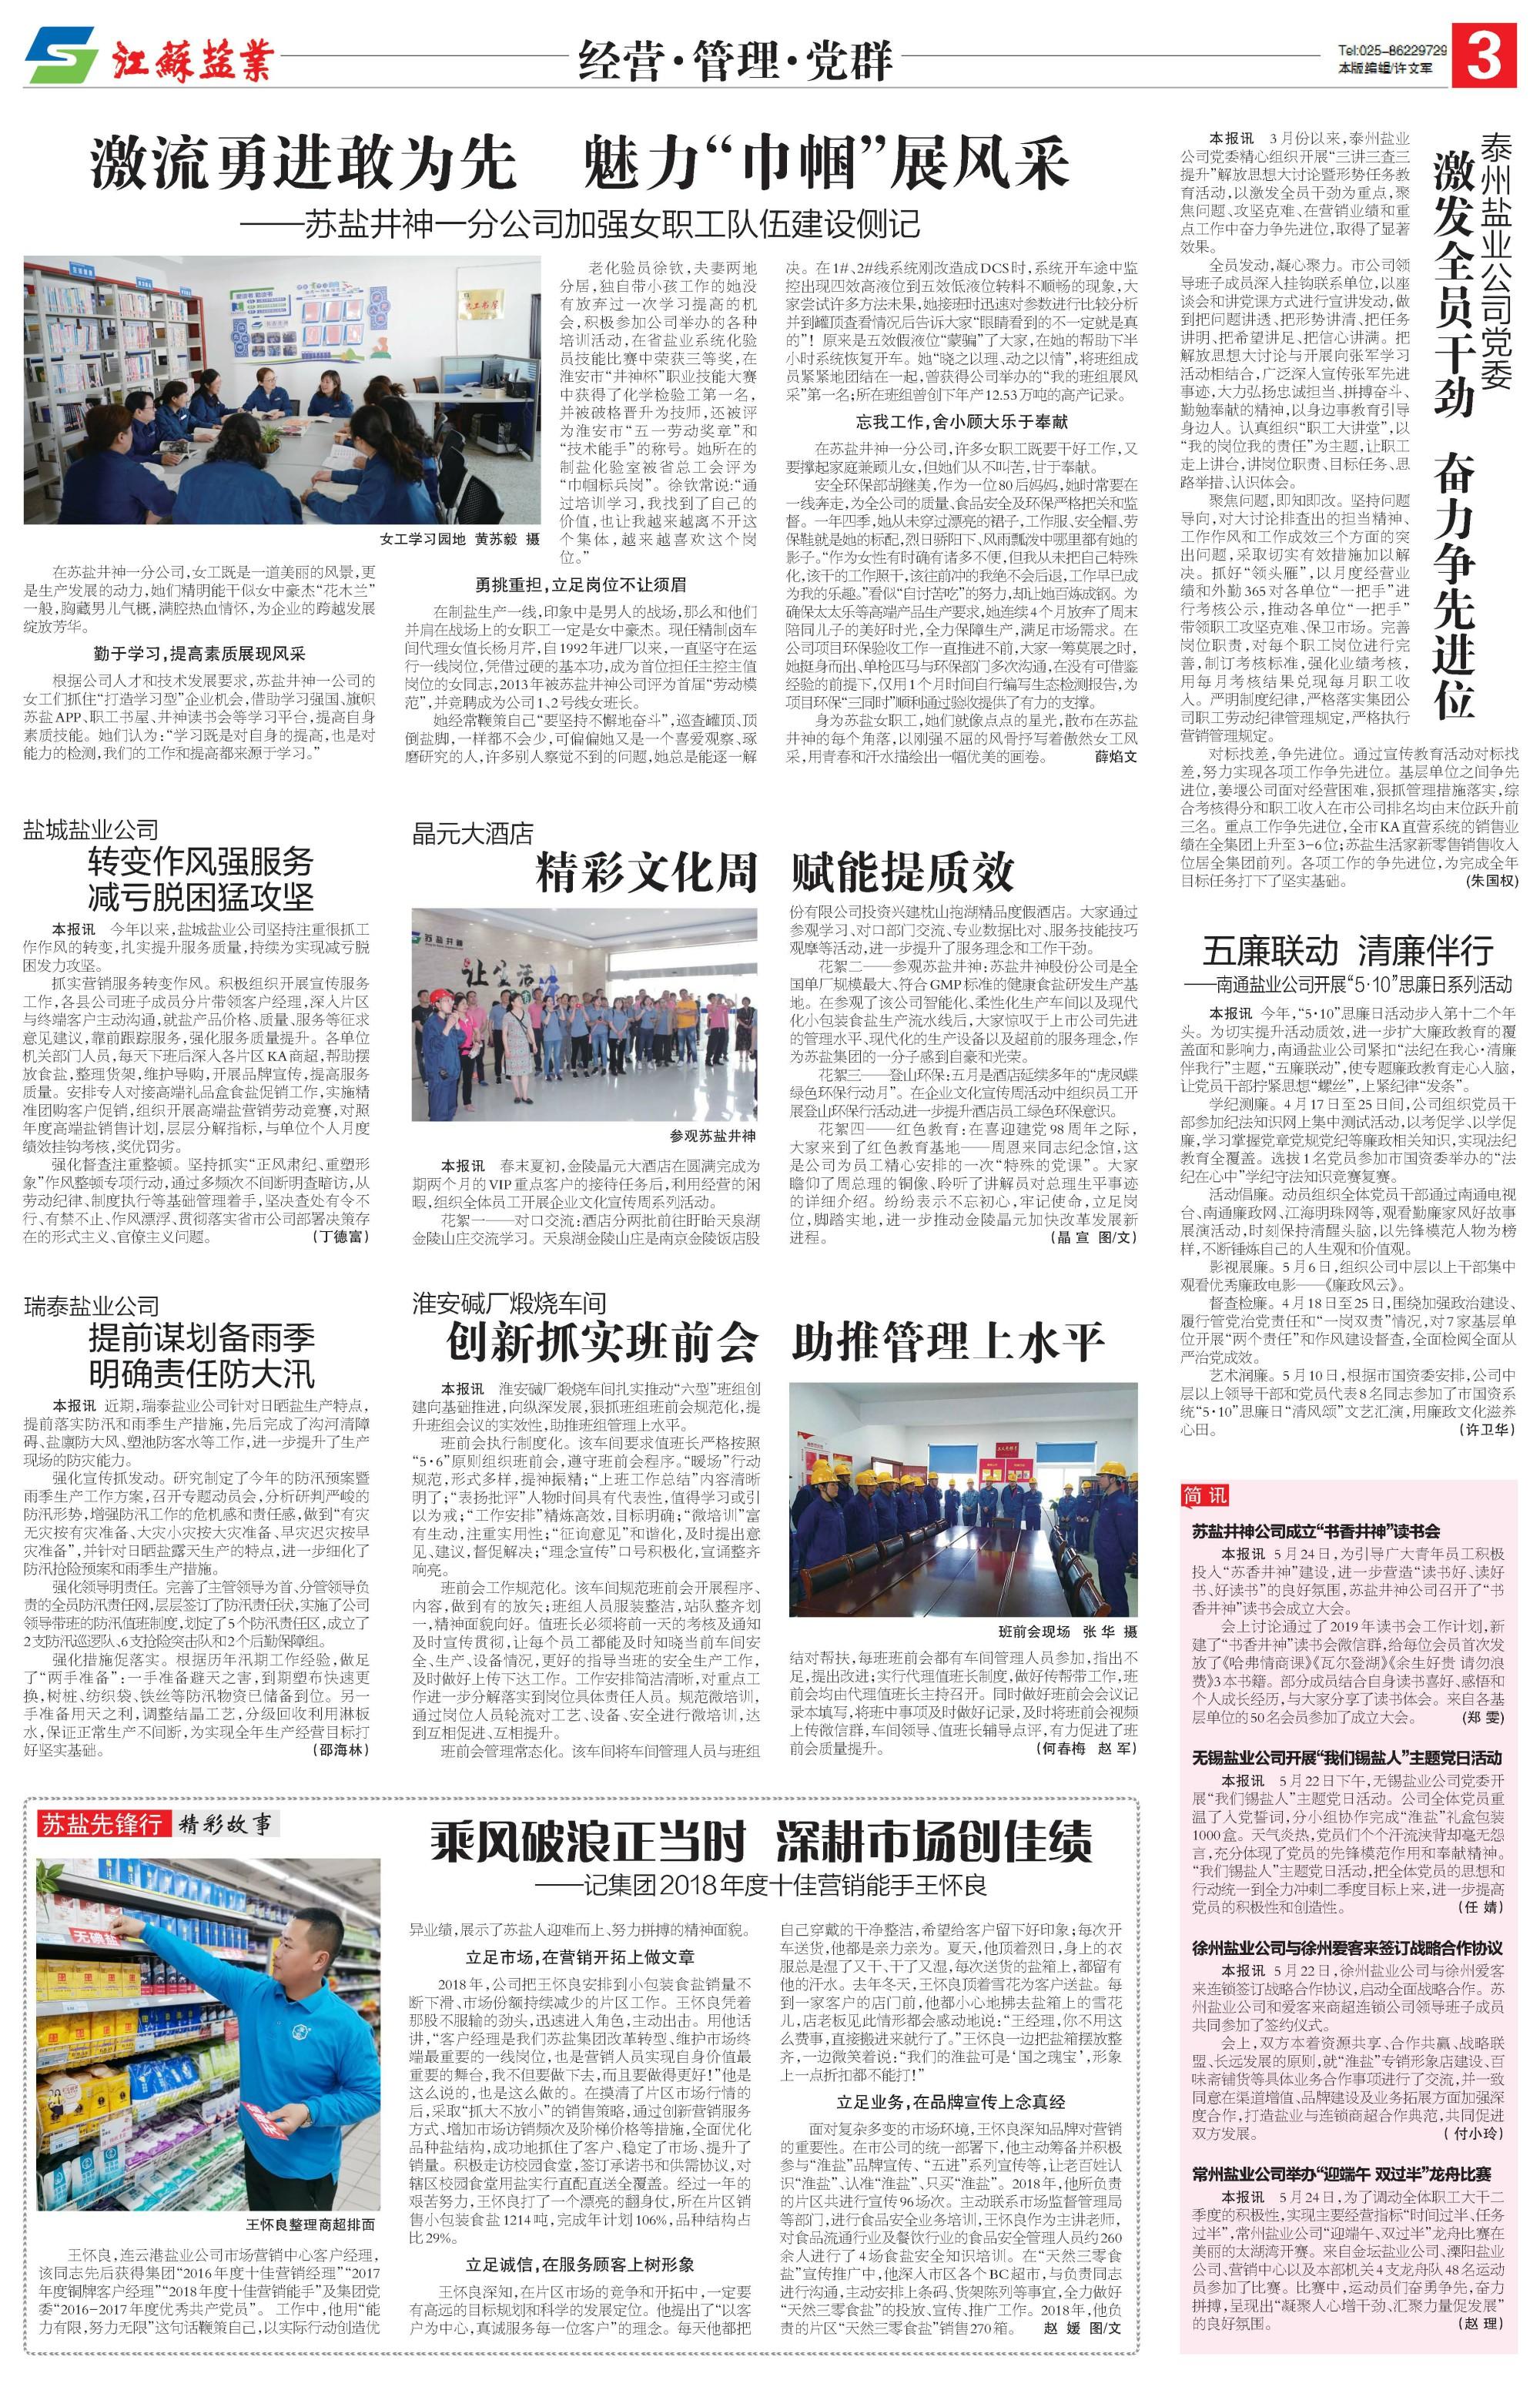 2019年江lol投注平台业报第10期(总第98期)